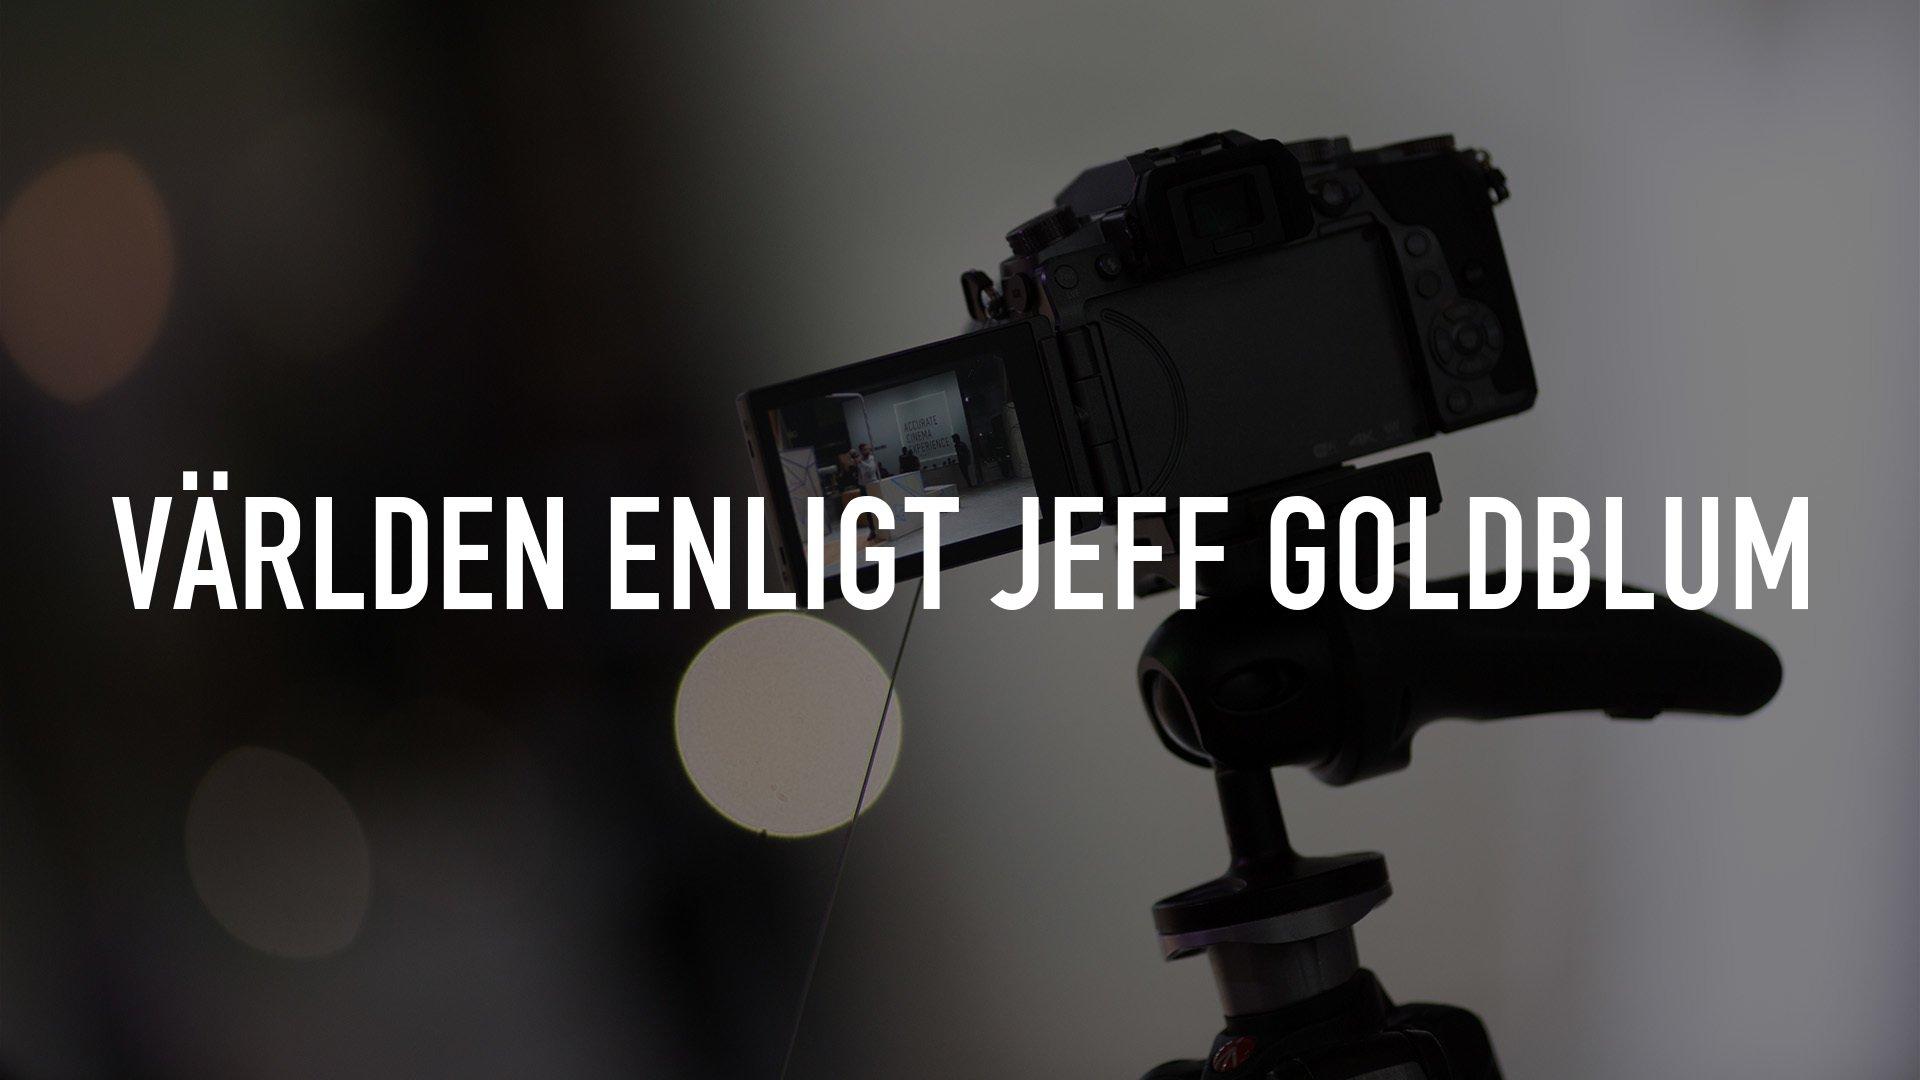 Världen enligt Jeff Goldblum